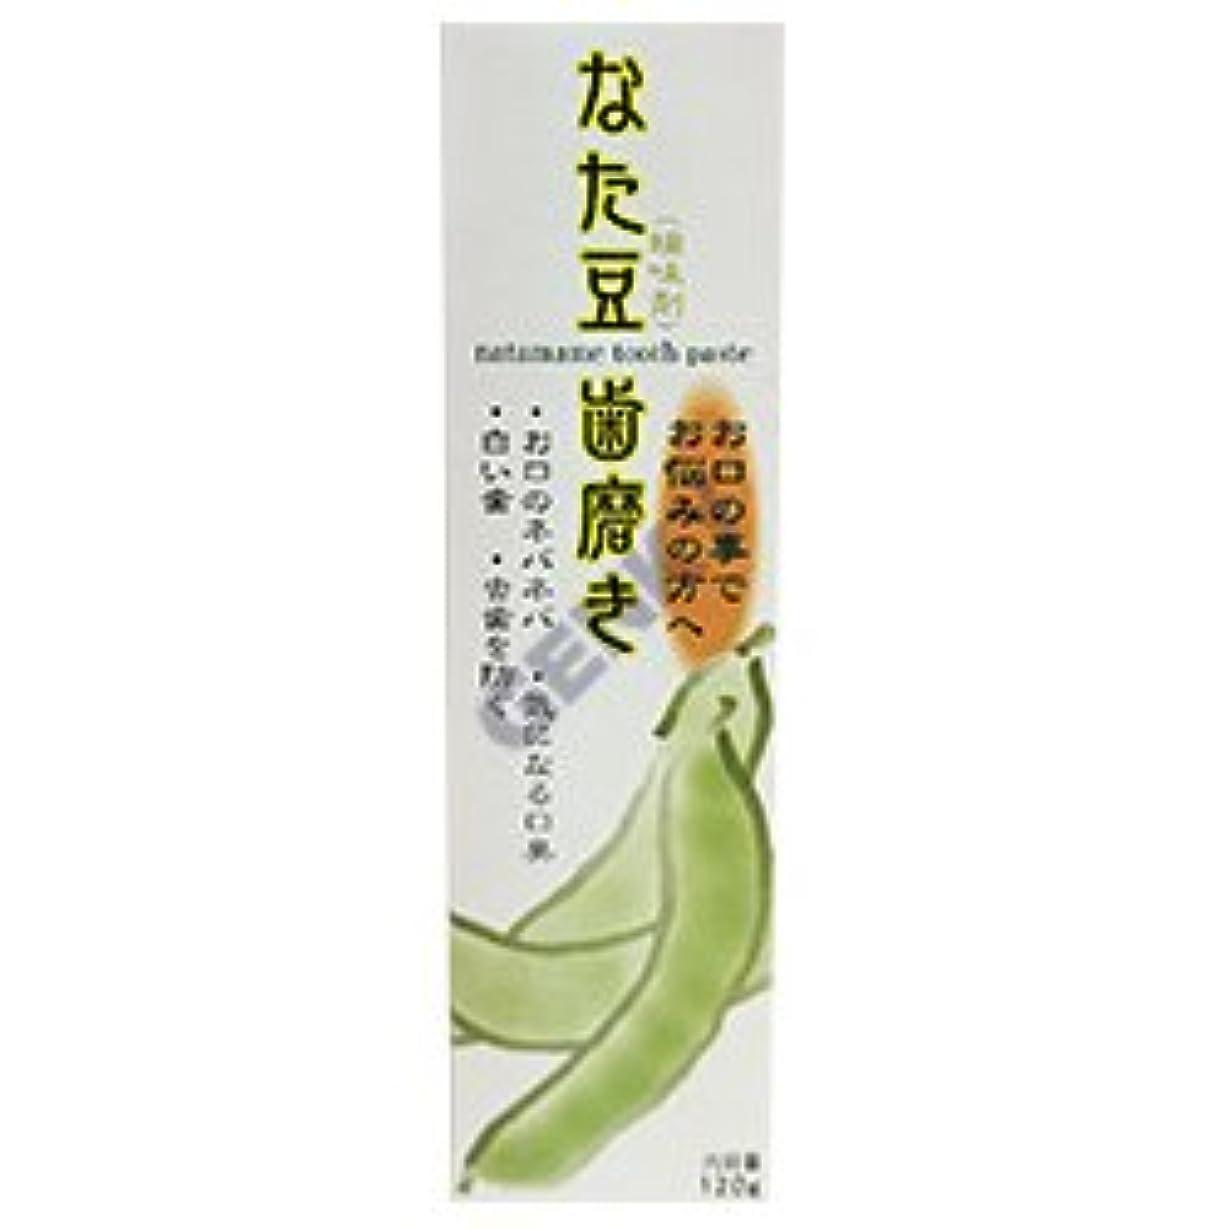 避難荒廃する塩【モルゲンロート】なた豆歯磨き 120g ×5個セット